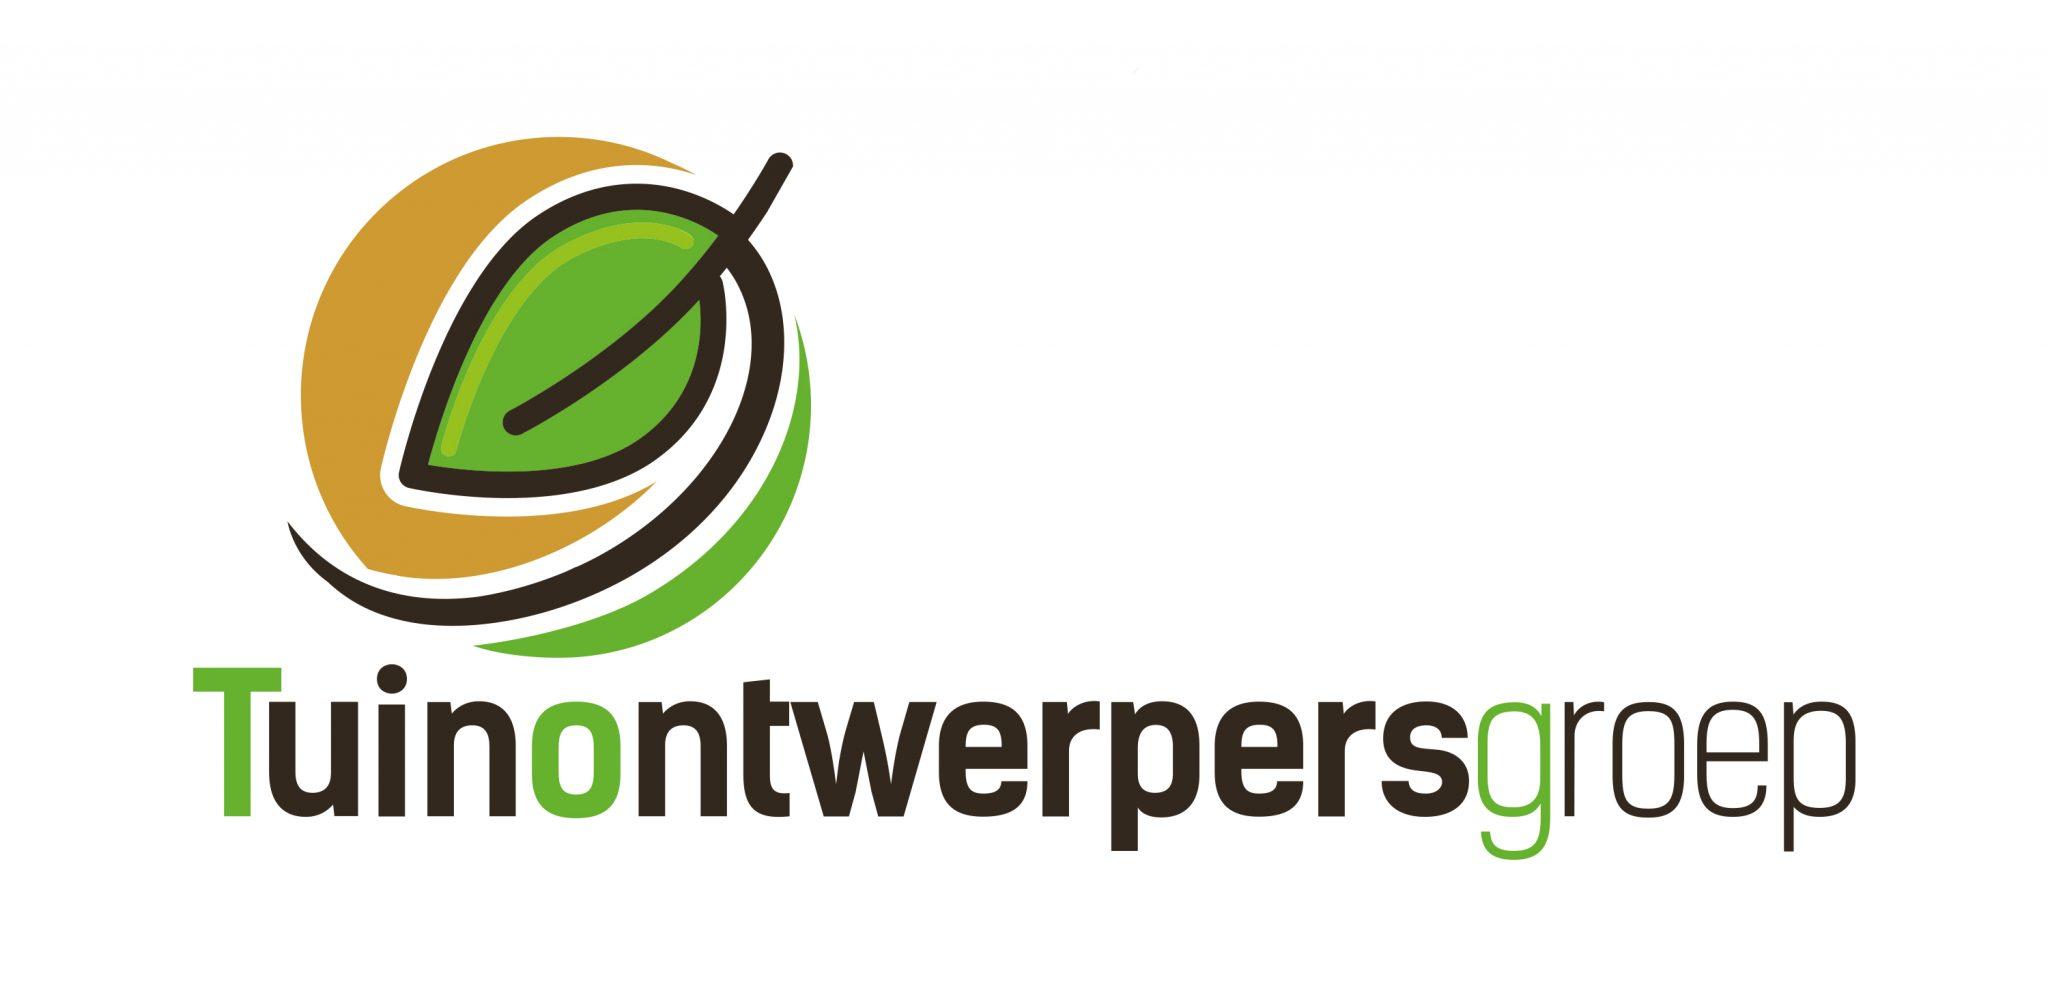 tuincursus-online is aangesloten bij de tuinontwerpersgroep